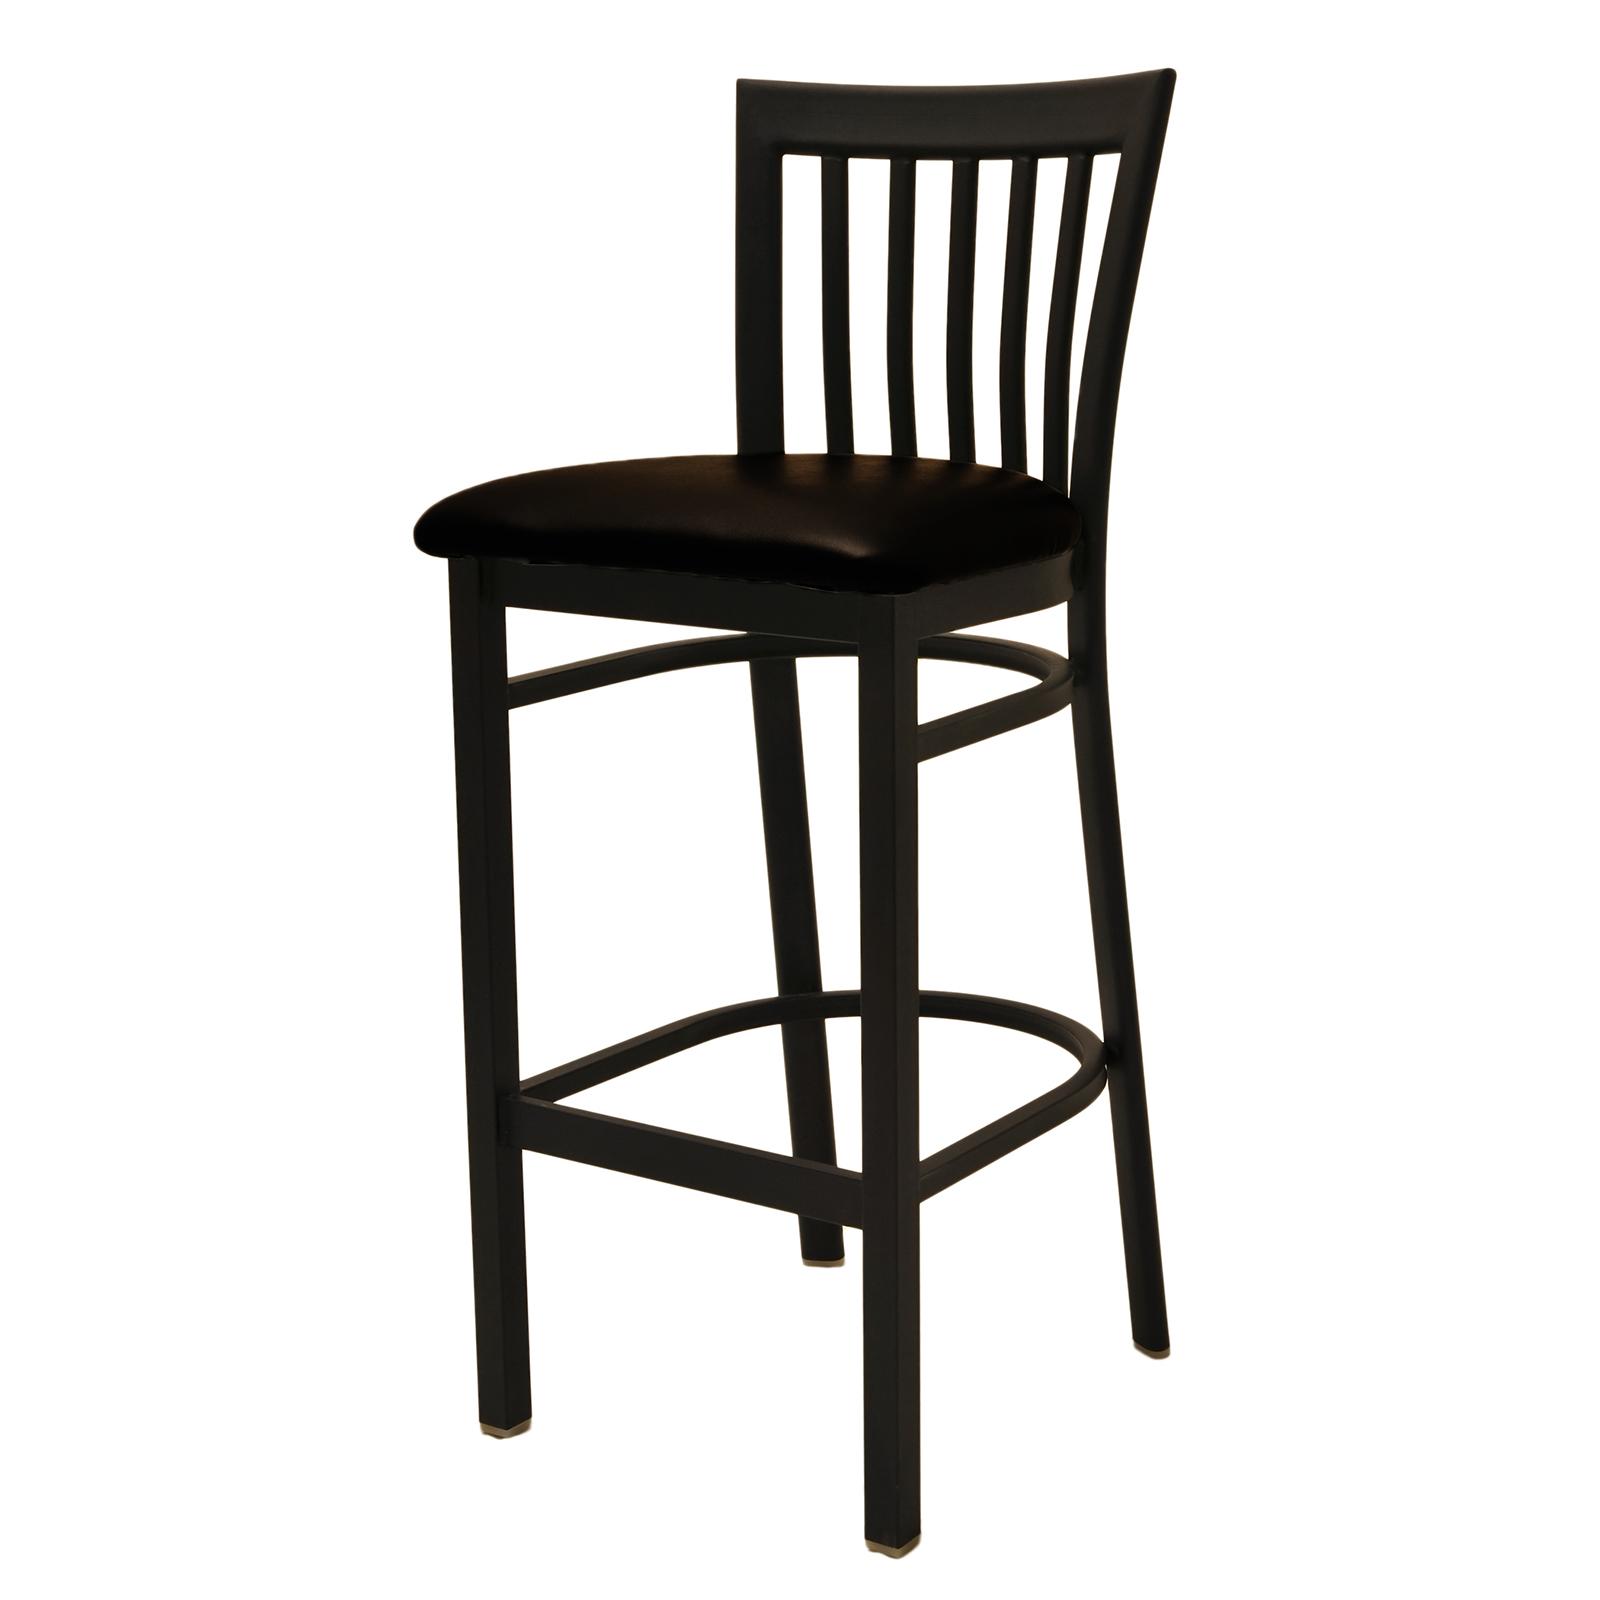 Oak Street SL4279-1-RW bar stool, indoor